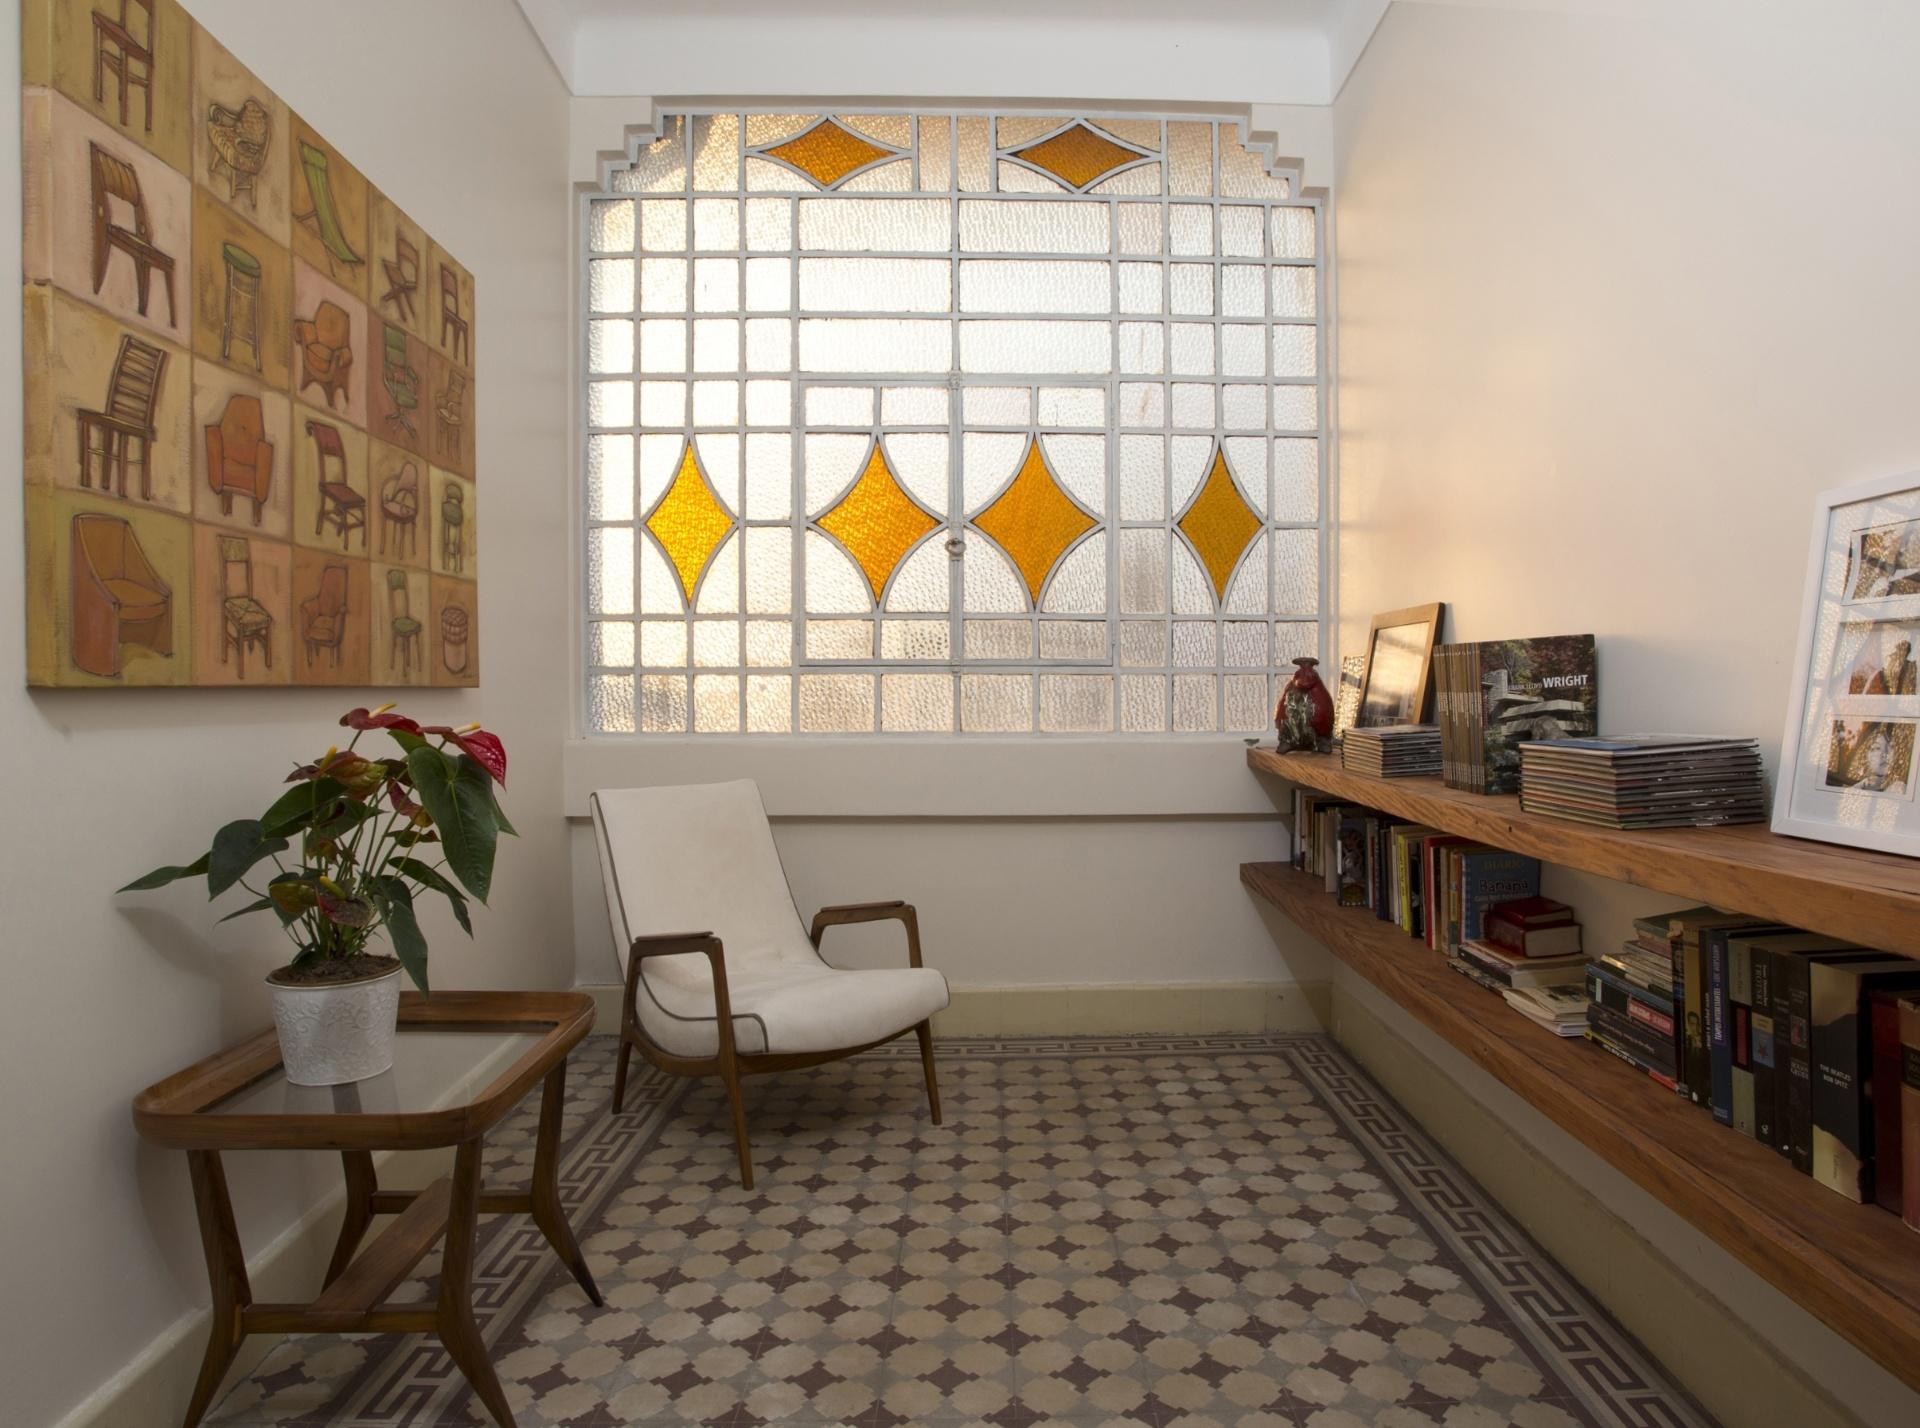 A sala de leitura no pavimento superior é o canto mais charmoso da residência na Liberdade, Sos anos 1950. O ambiente tem vitrô em esquadria de ferro: